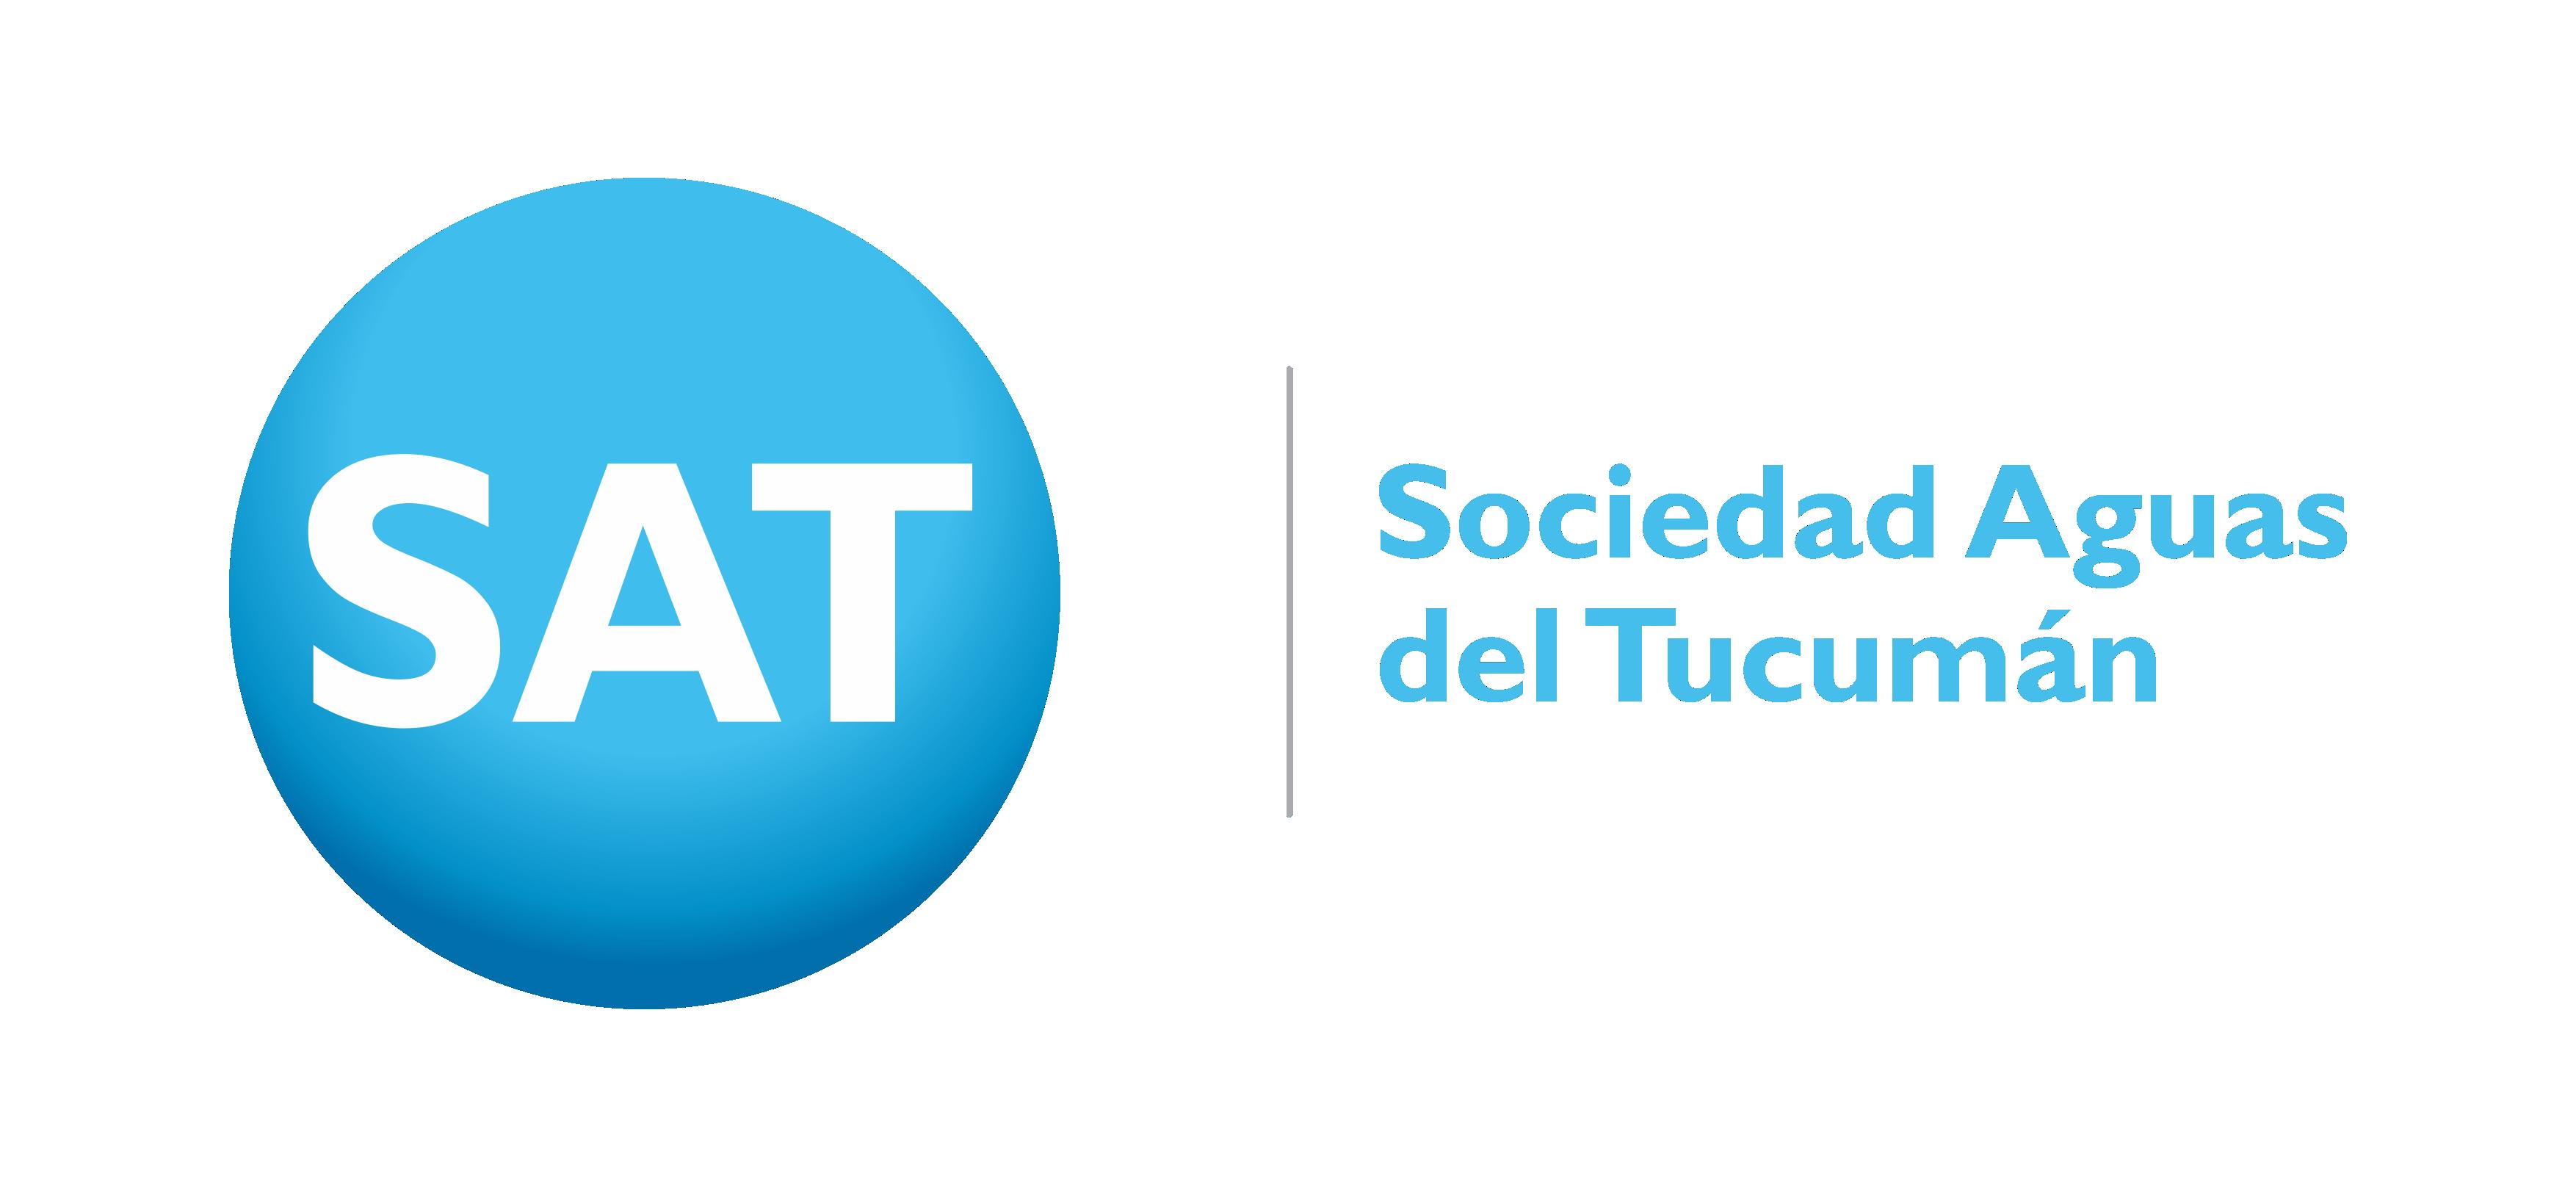 sociedad-aguas-del-tucuman